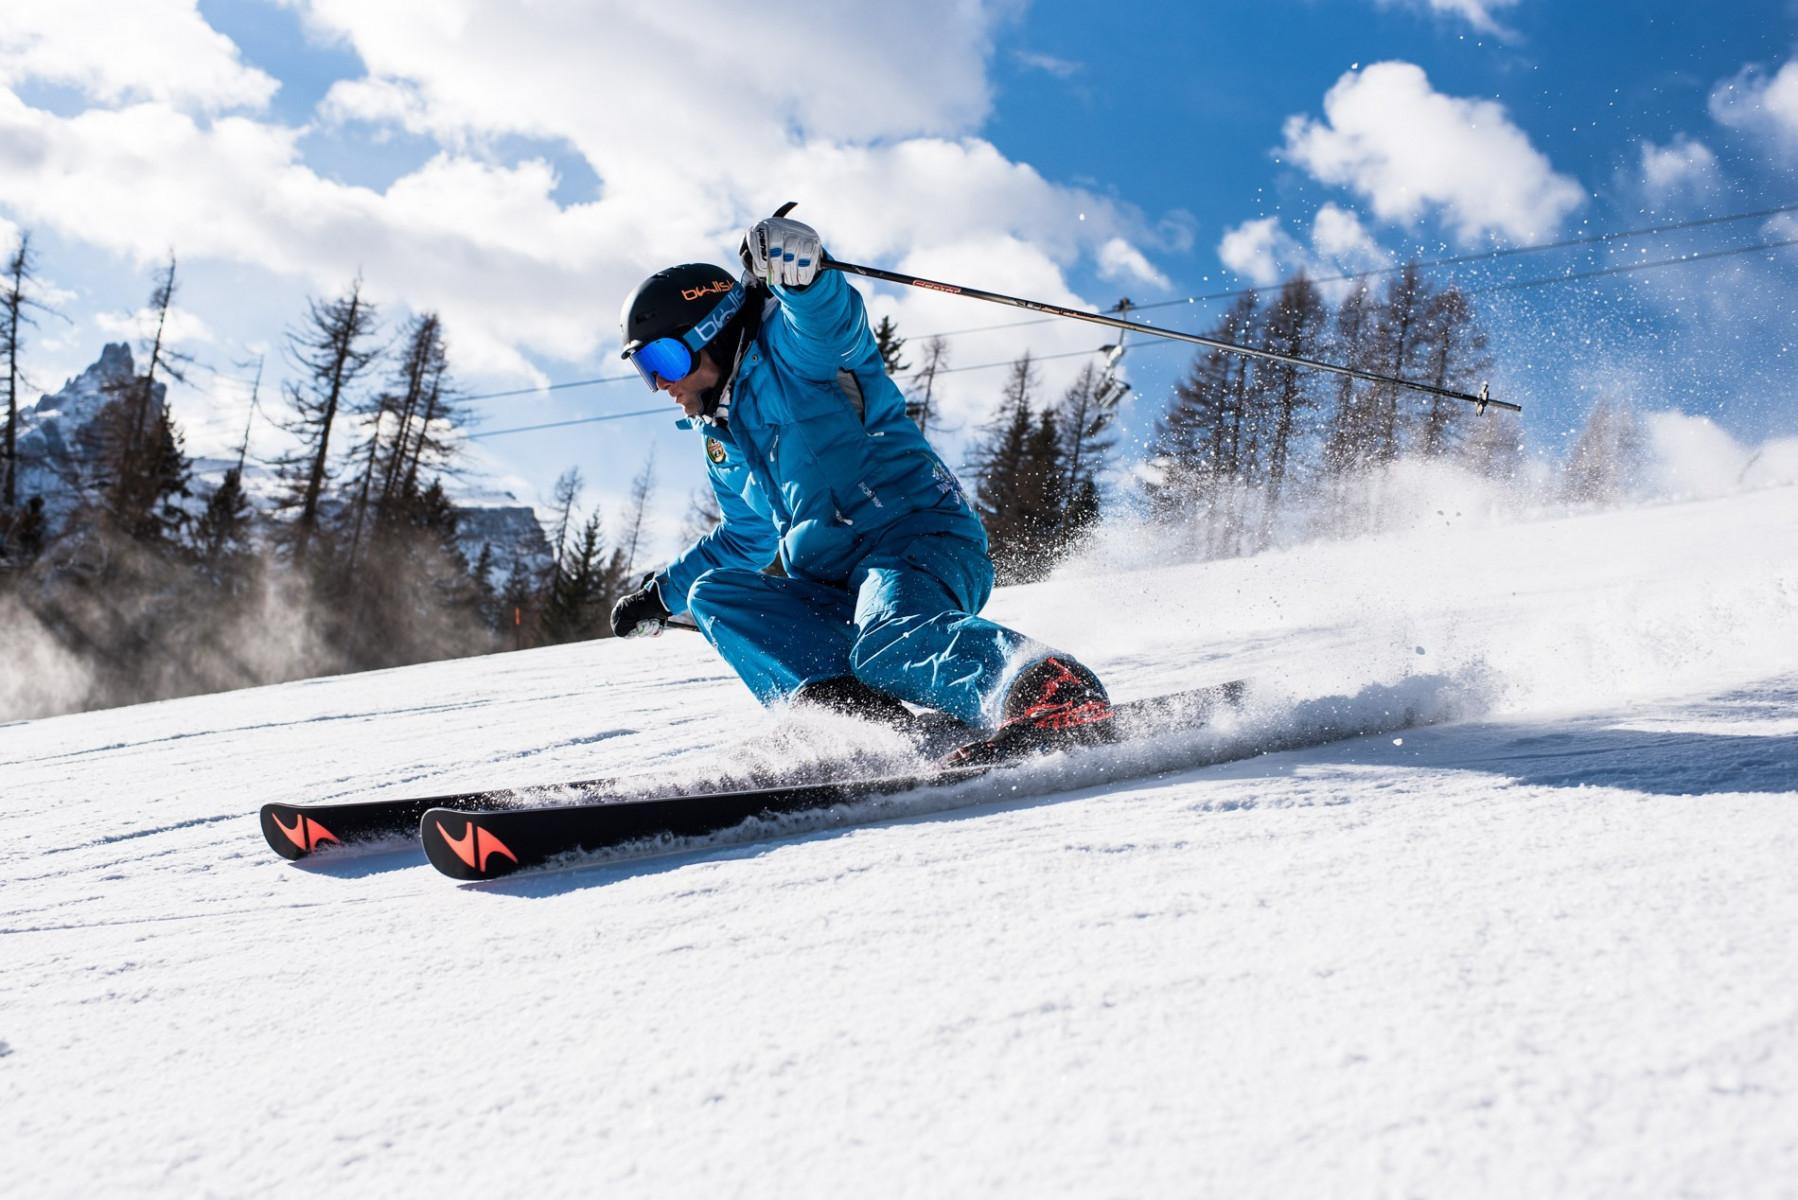 Lezione privata di sci a Cortina d'Ampezzo per tutti i livelli